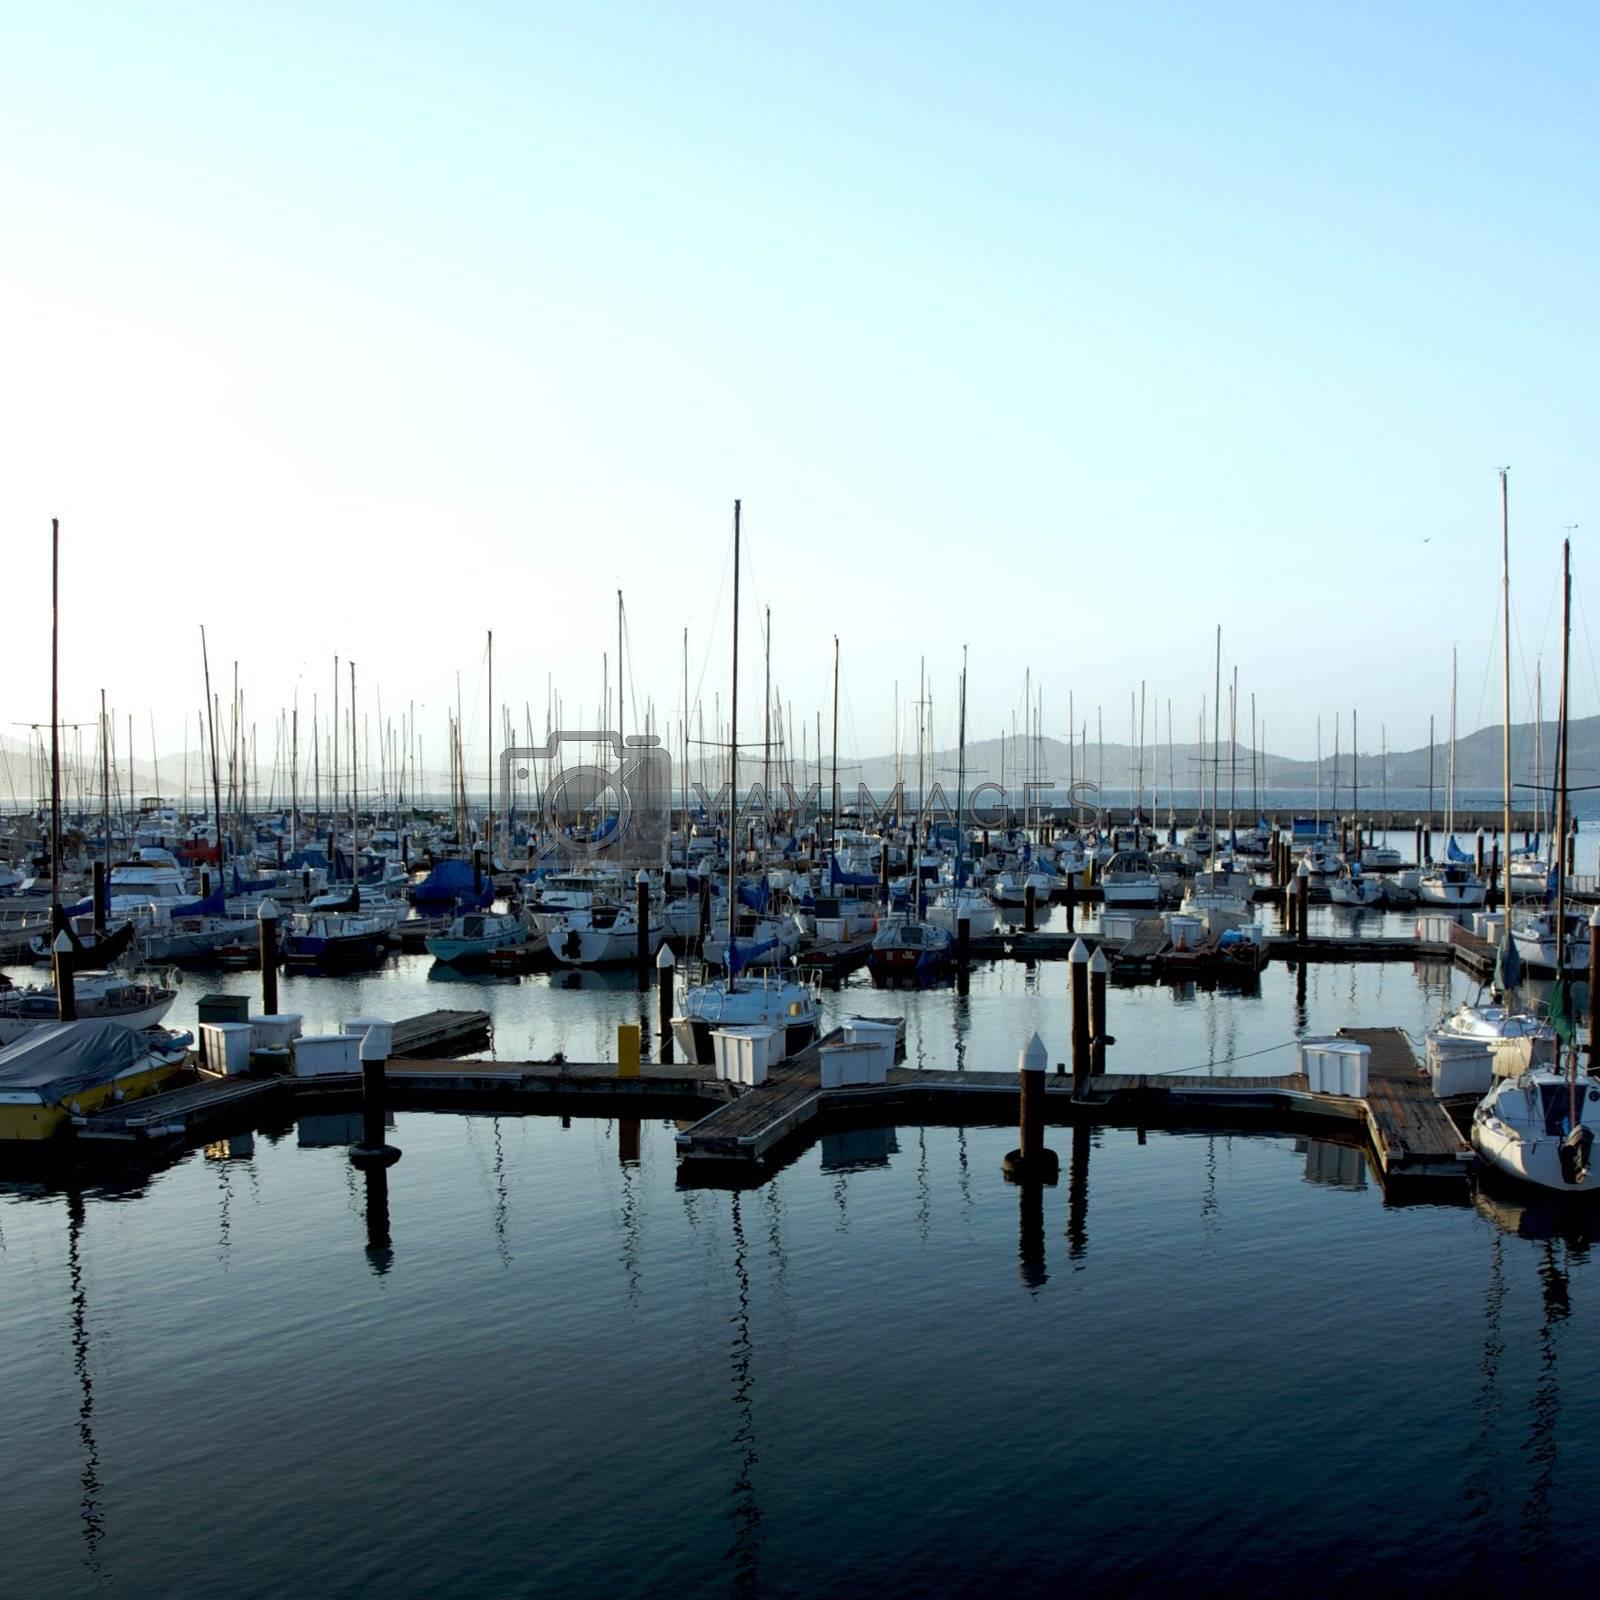 San Francisco Bay, California USA